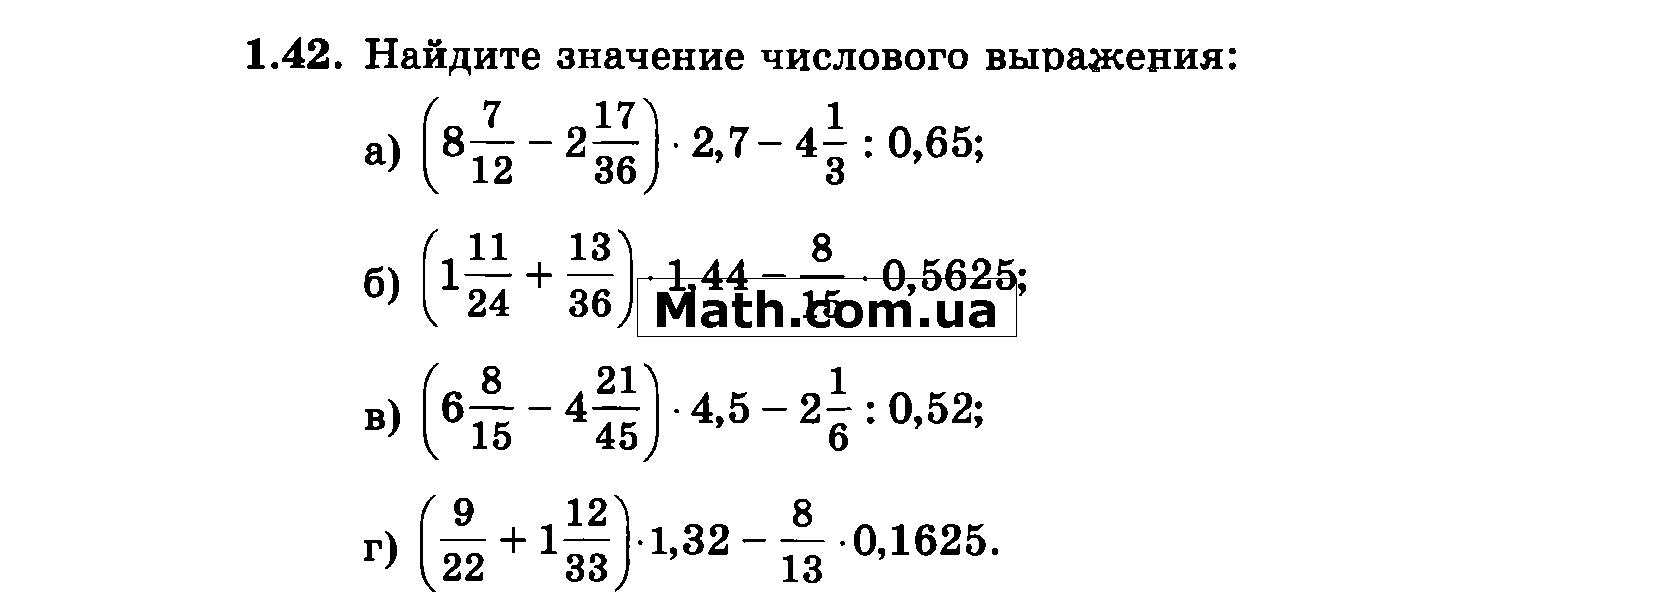 гдз математика 7 класс вычисление значения числового выражения